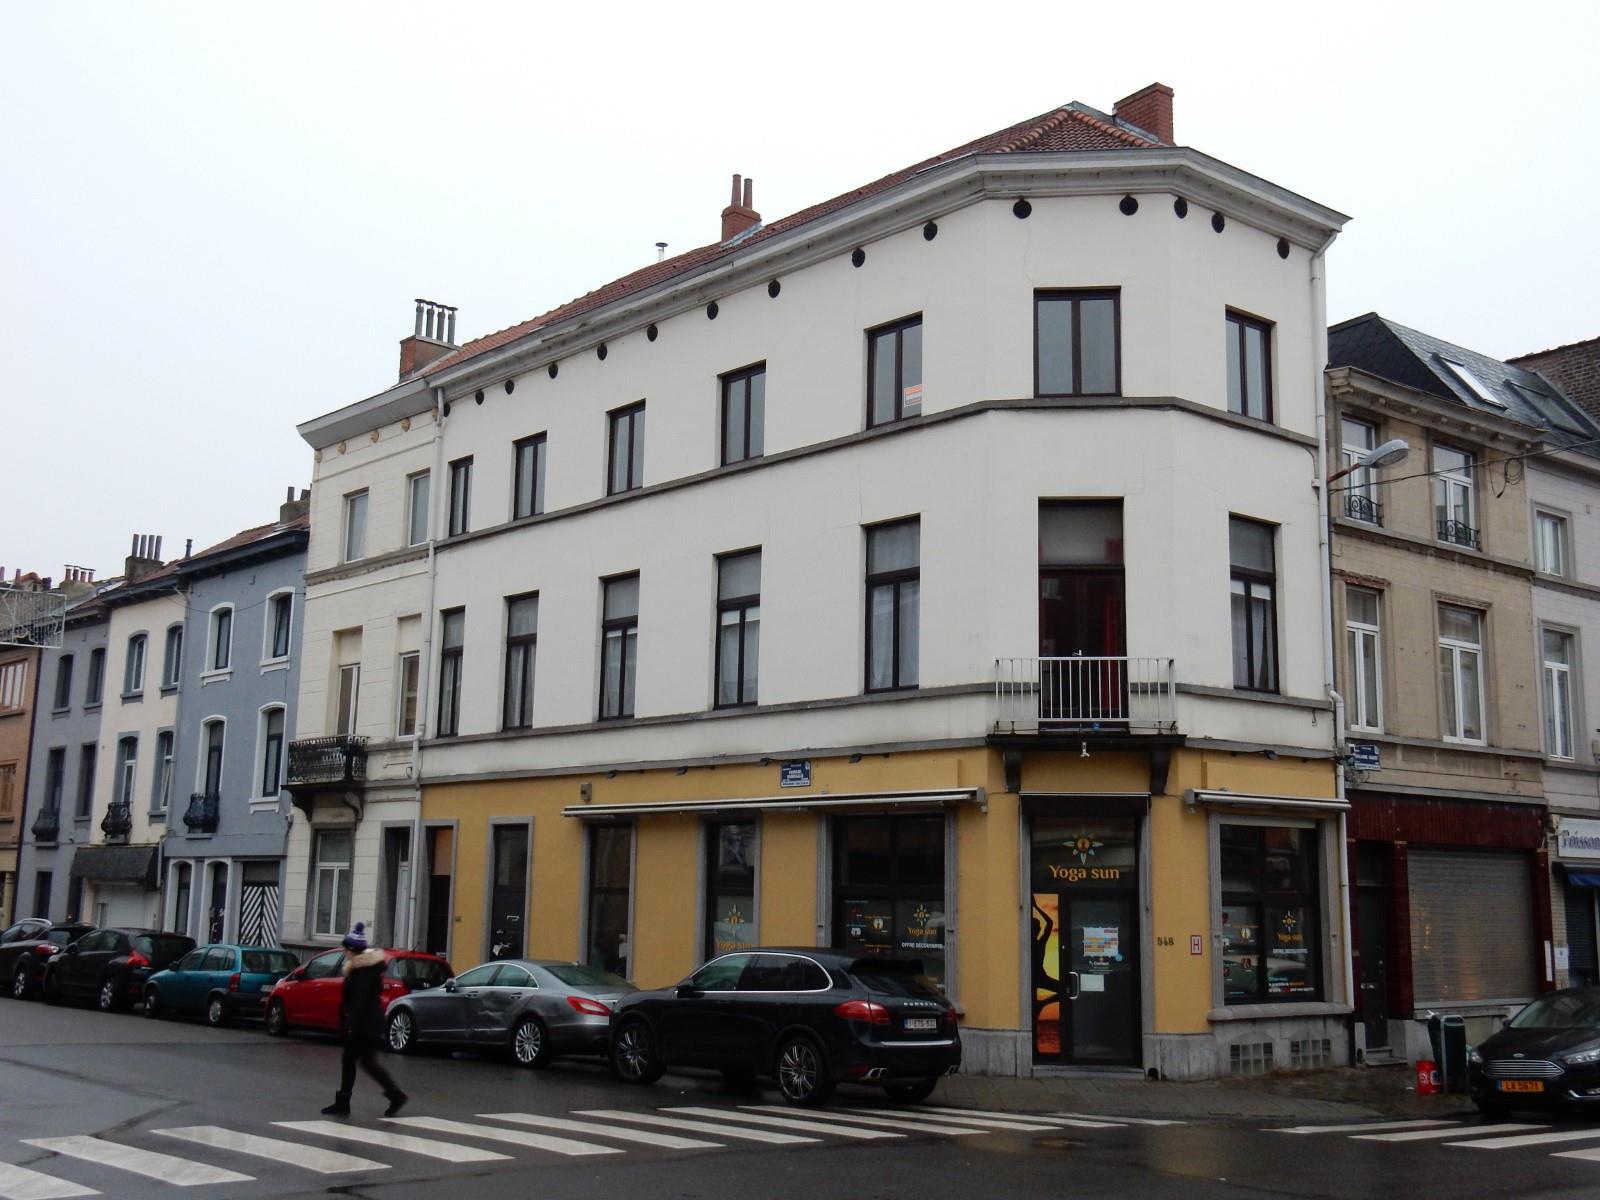 Flat - Ixelles - #2991979-0